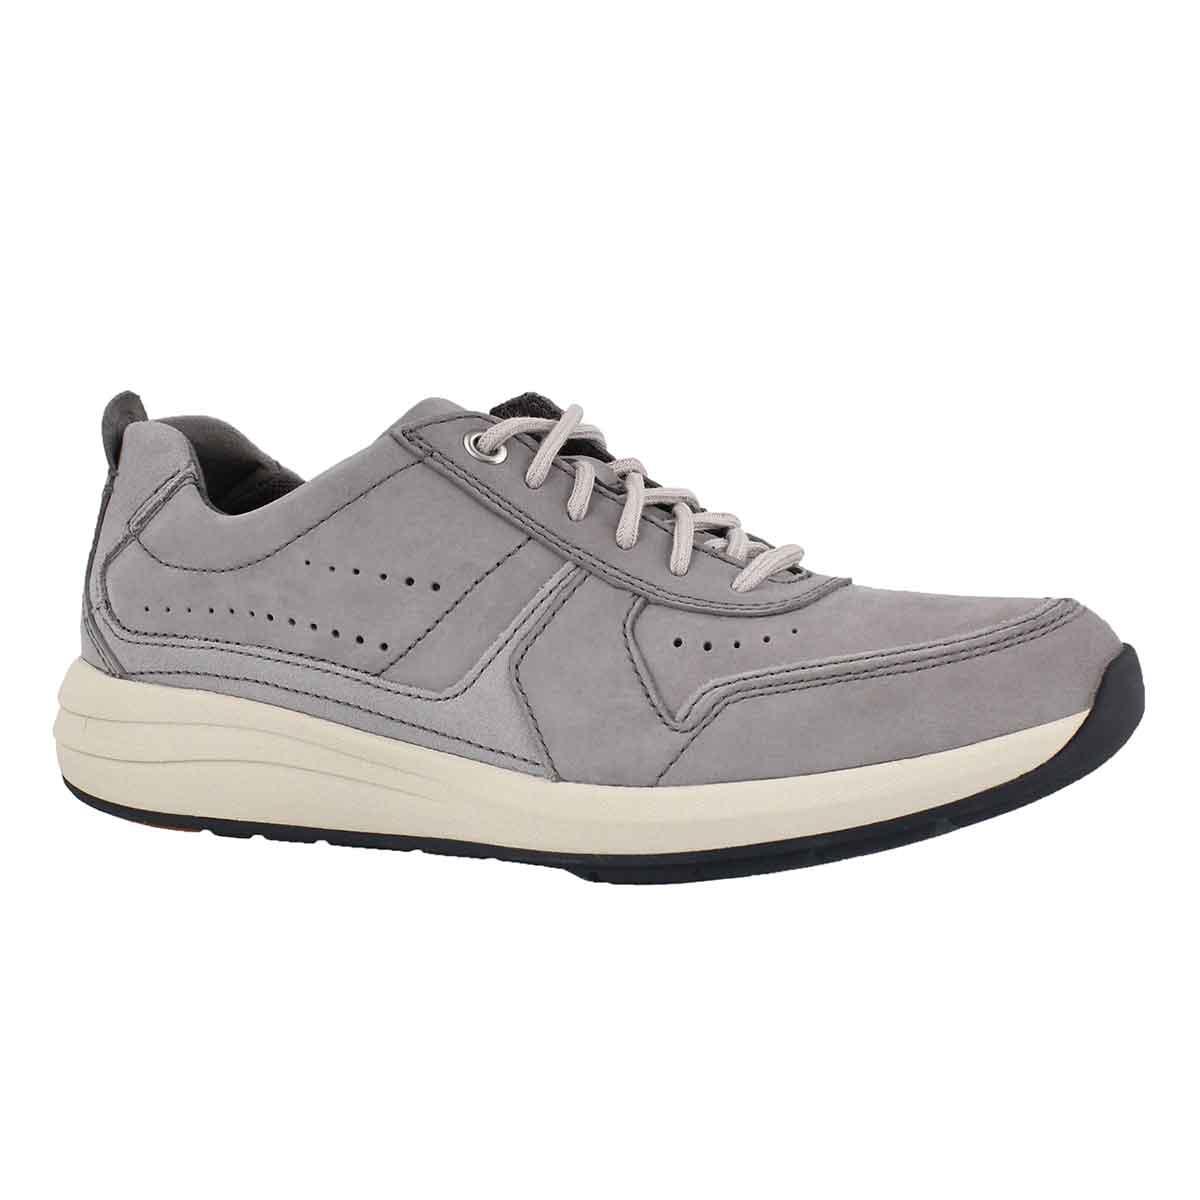 Men's UN COAST FORM grey sneakers